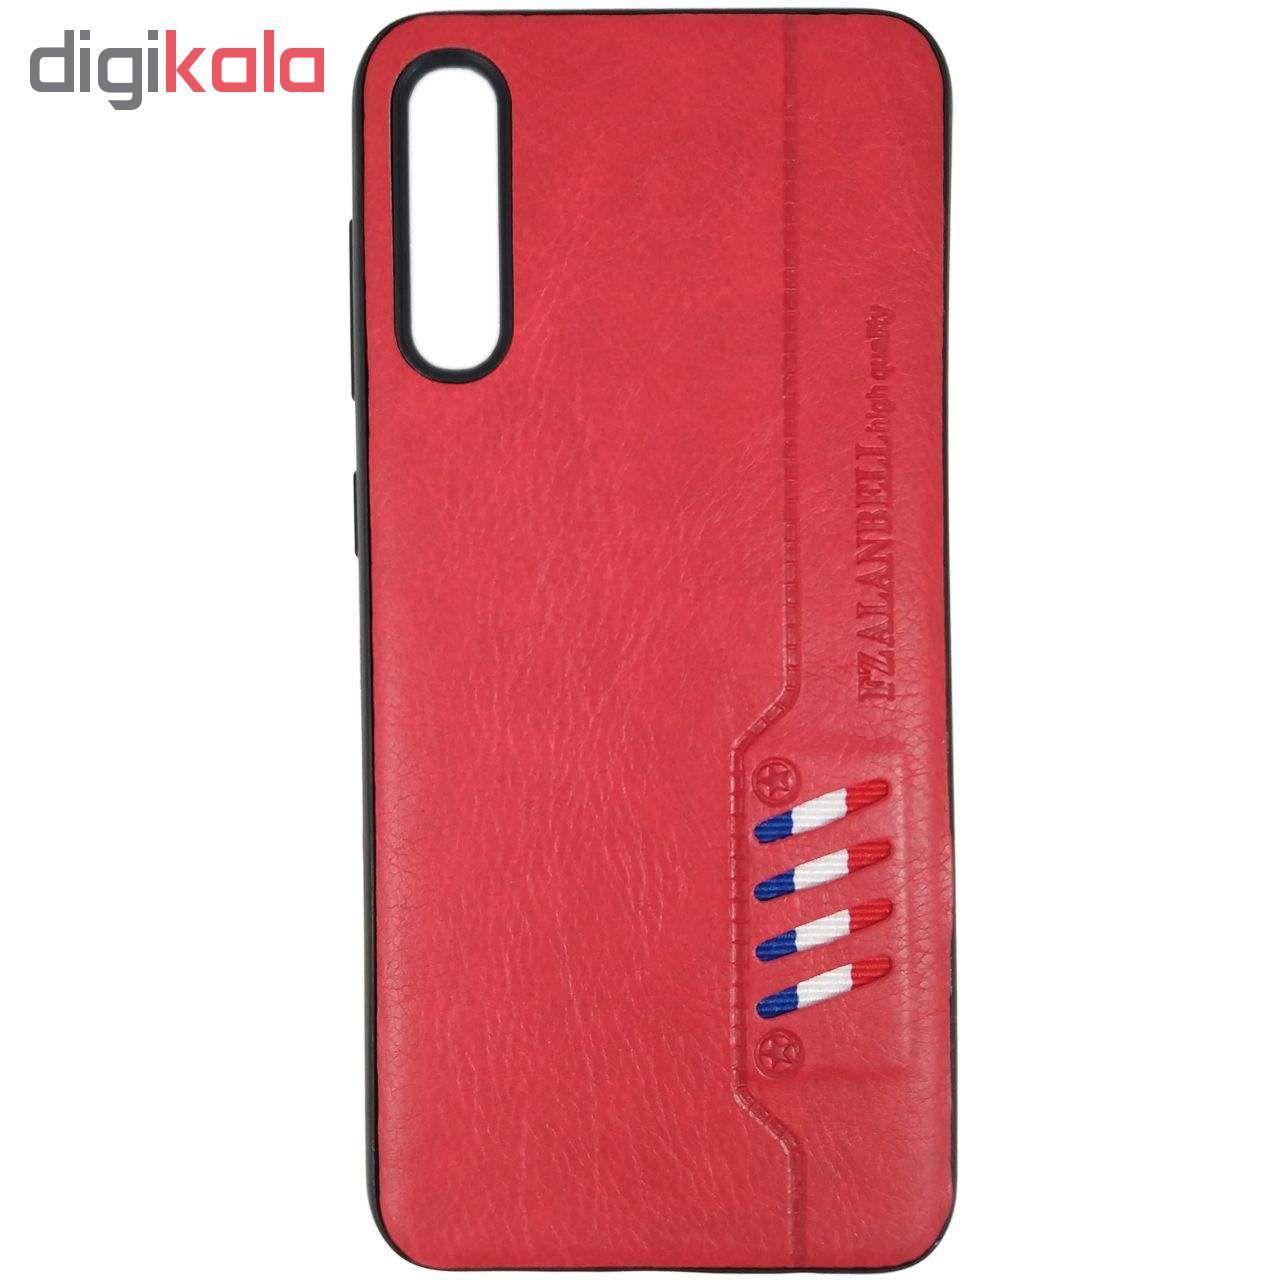 کاور مدل S17 مناسب برای گوشی موبایل سامسونگ Galaxy A50/A30s/A50s